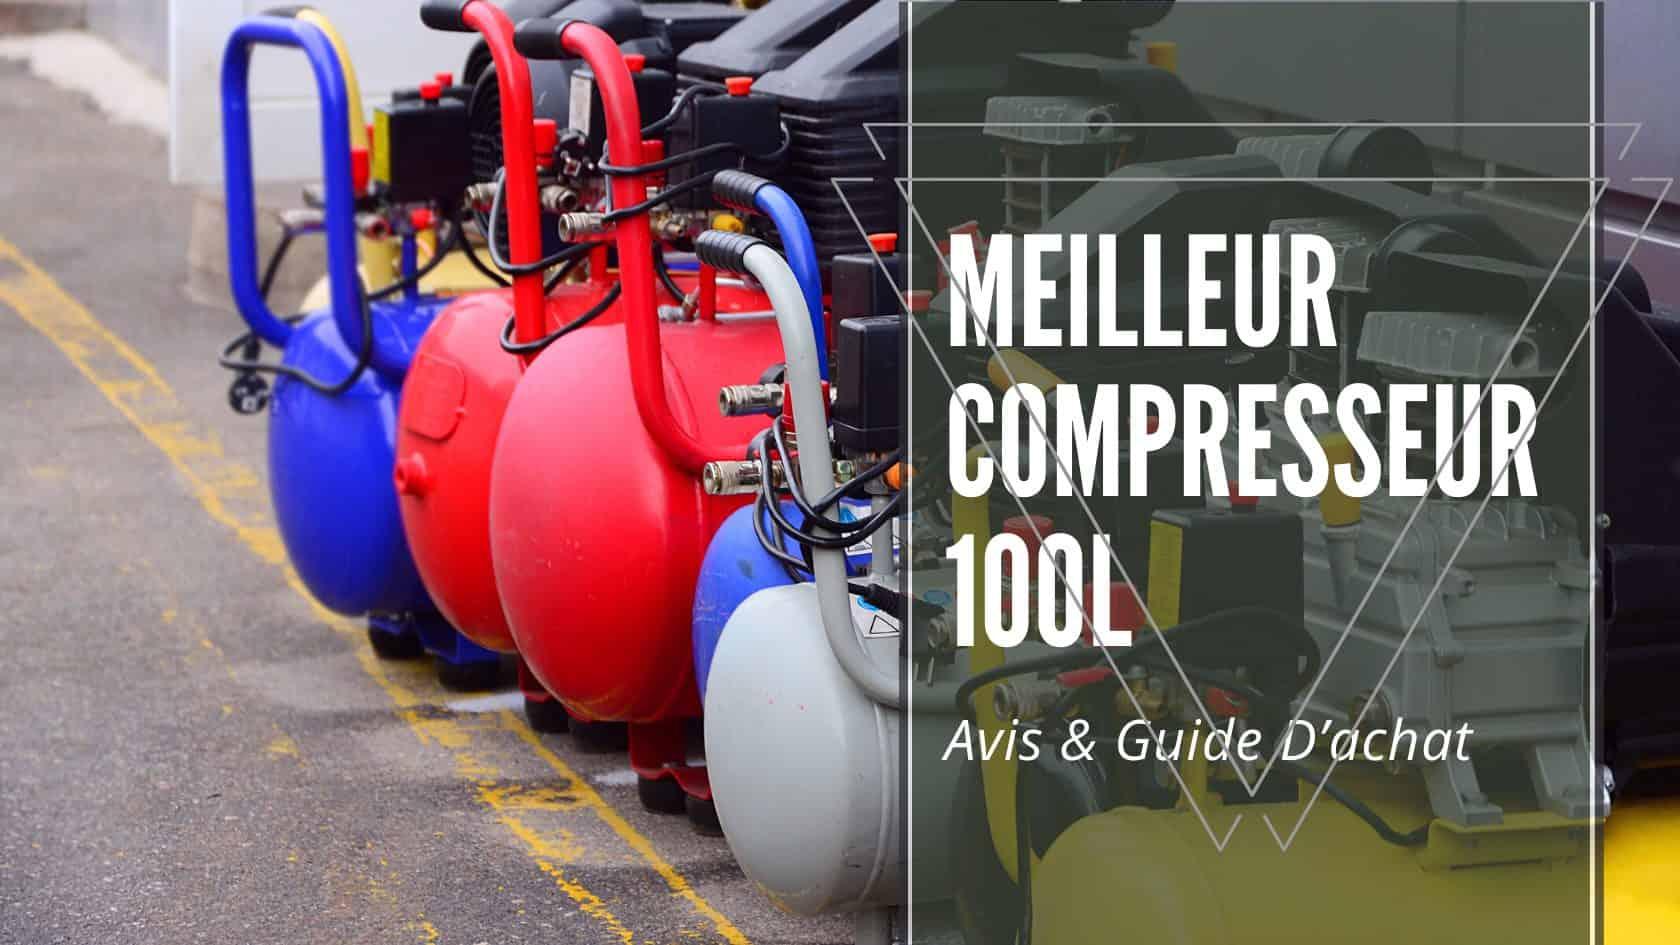 Meilleur Compresseur 100l